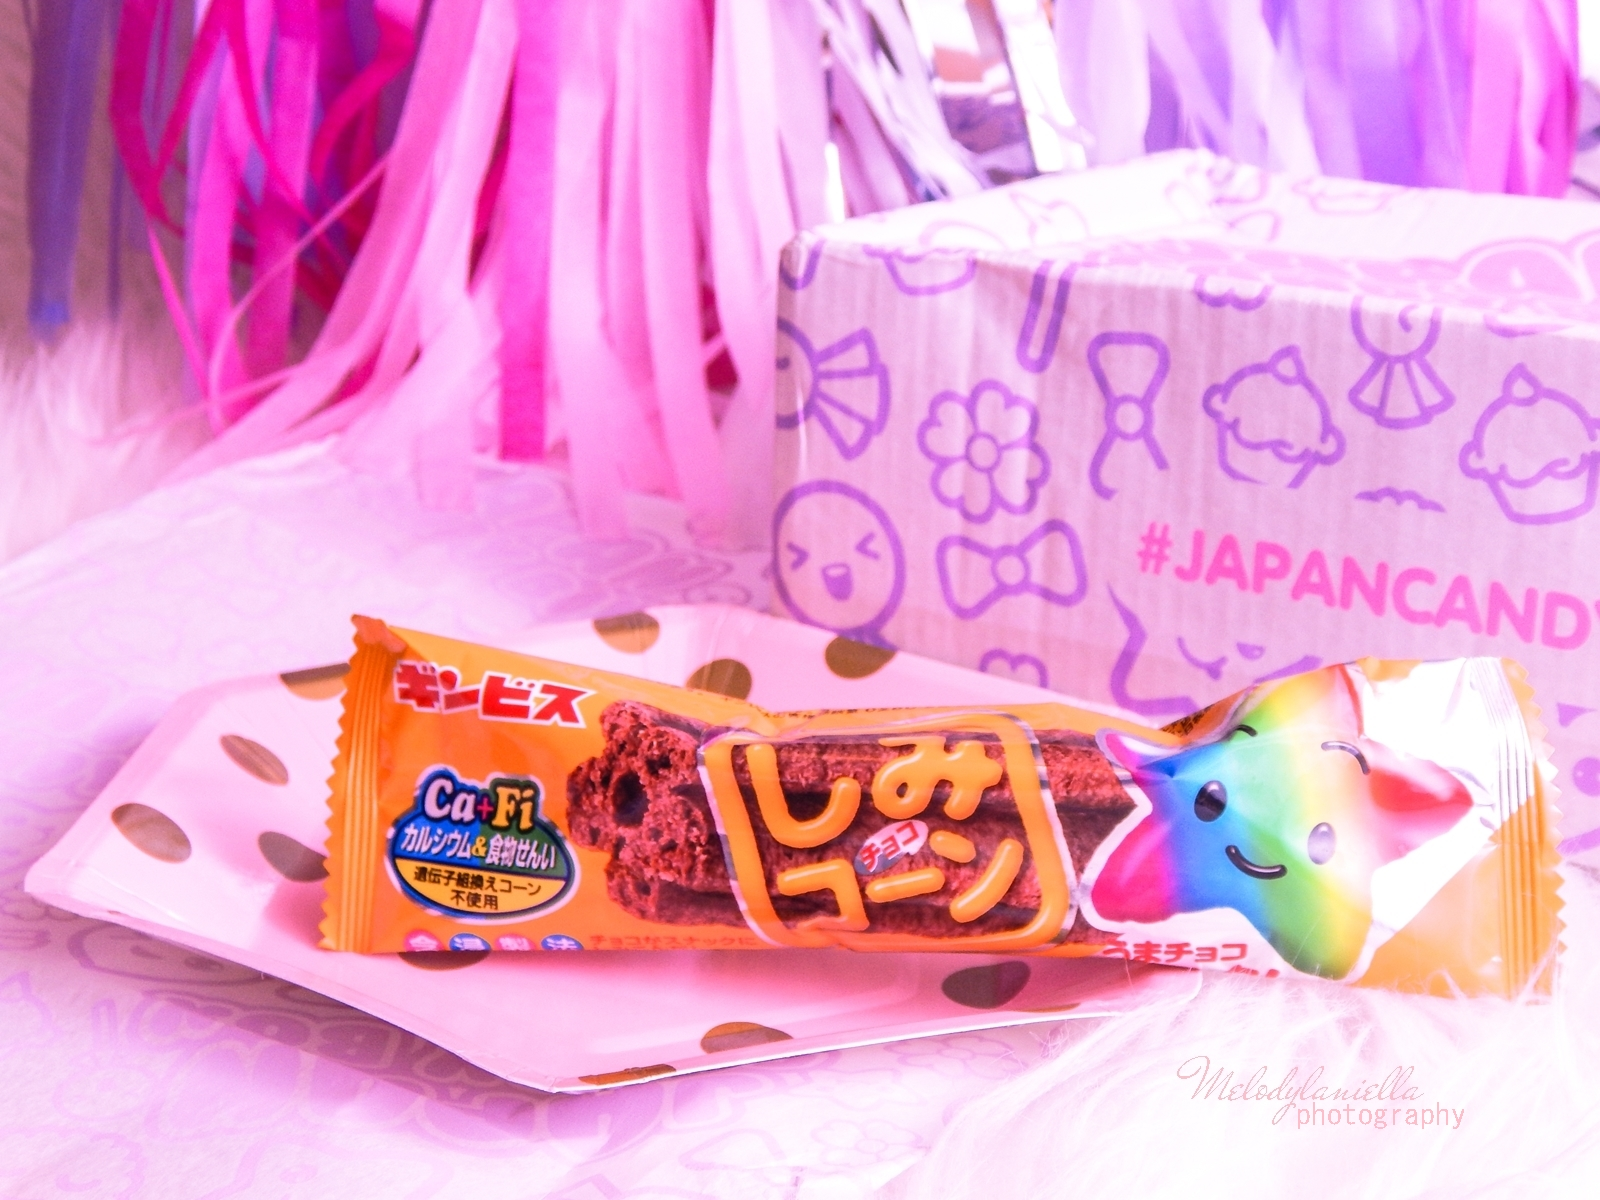 4 melodylaniella photography partybox japan candy box pudełko pełne słodkości z japonii azjatyckie słodycze ciekawe jedzenie z japonii cukierki z azji boxy z jedzeniem ginbis chocolate soaked corn stick